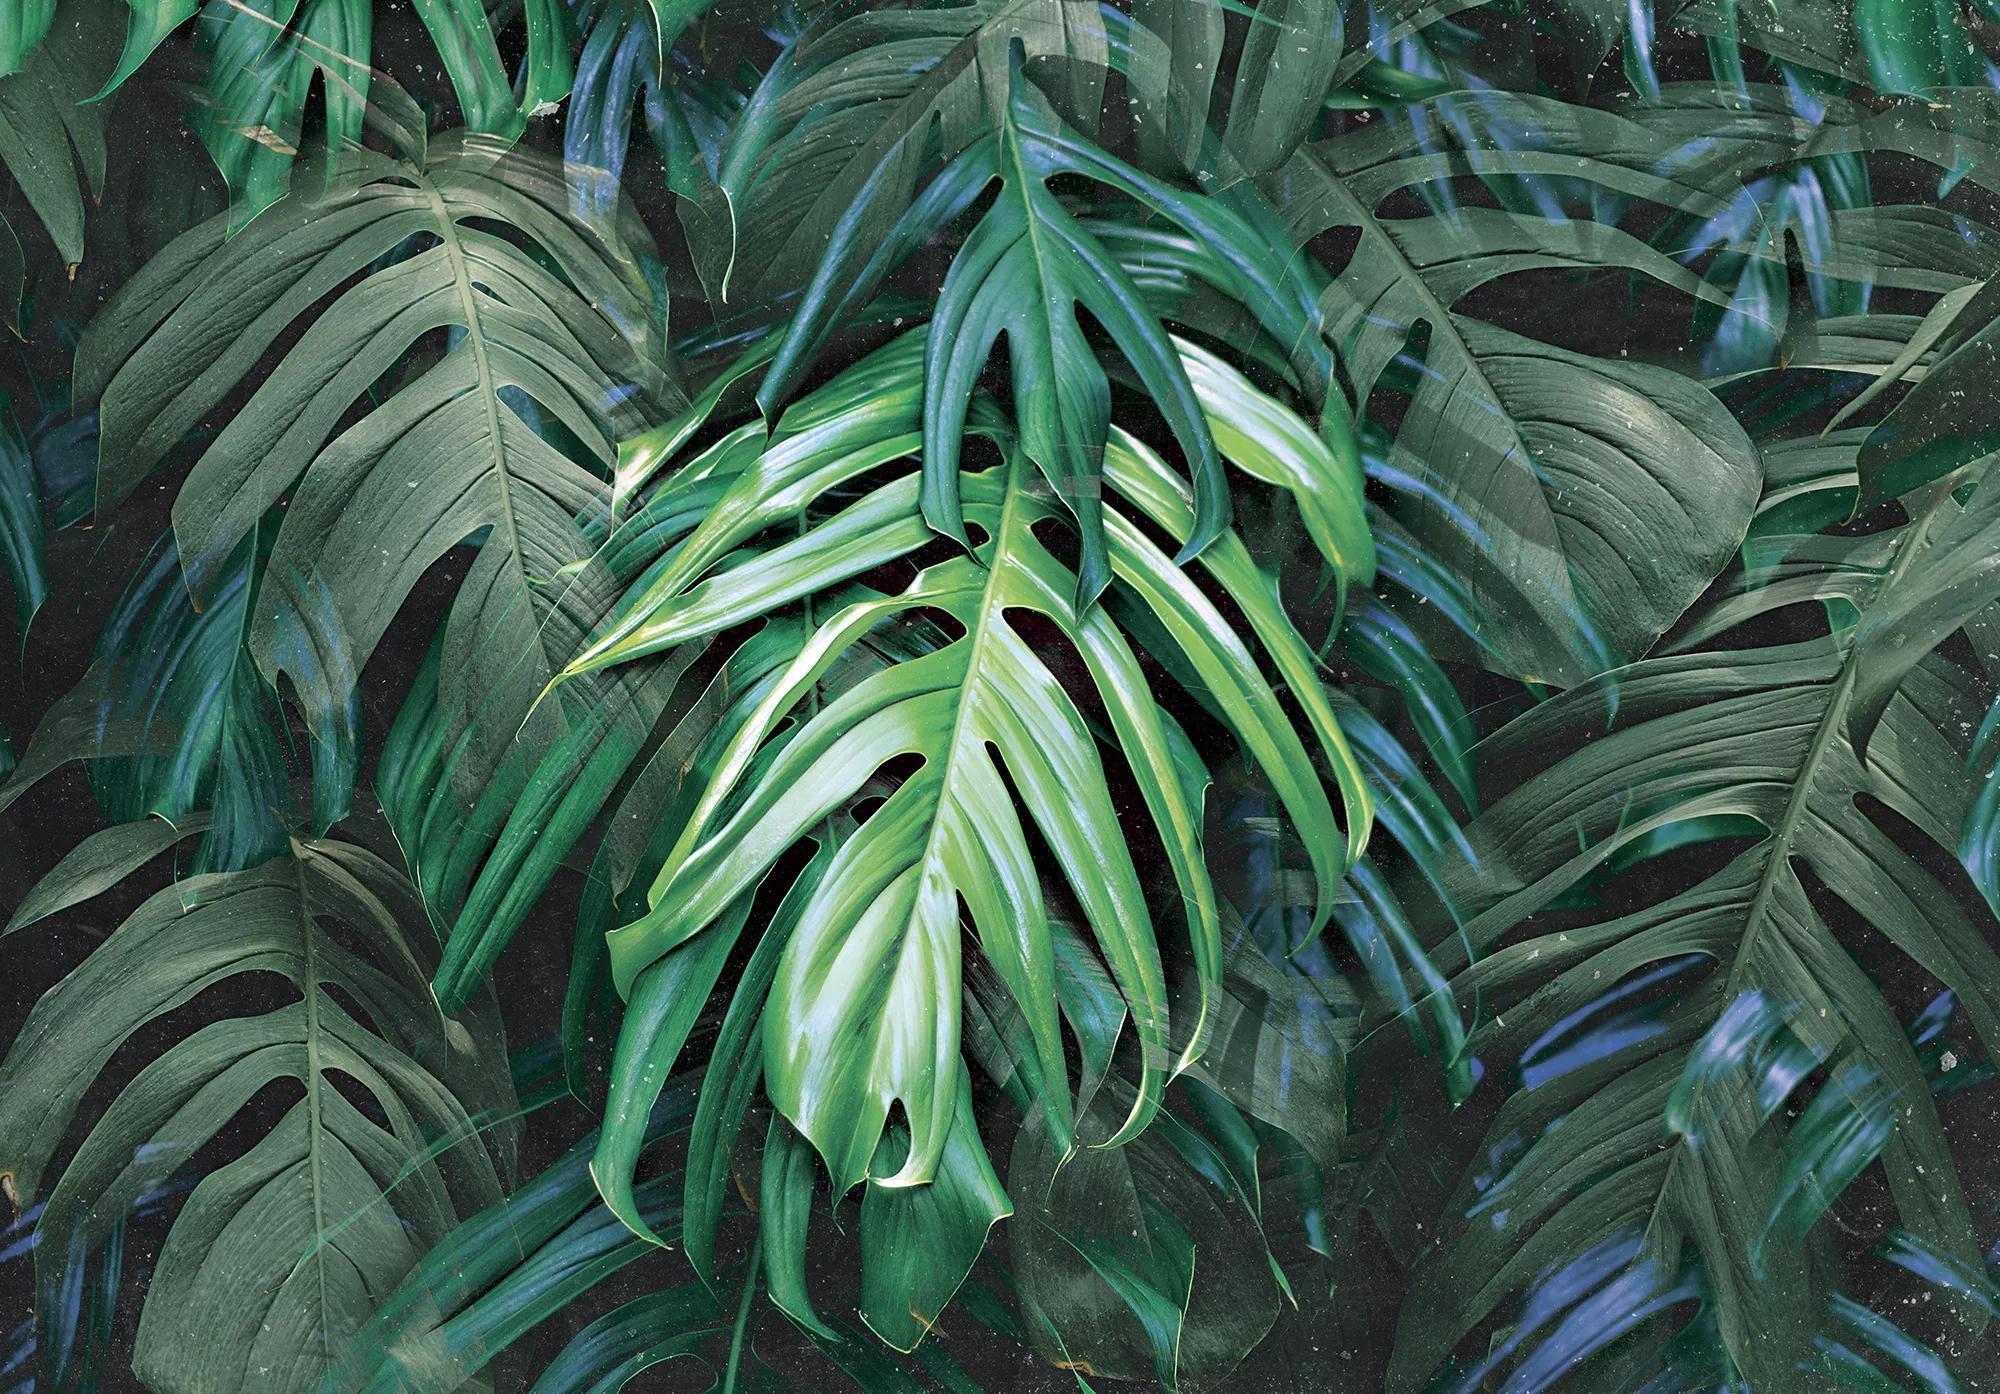 Pálmalevél mintás zöld óriás fali poszter koptatott hatással